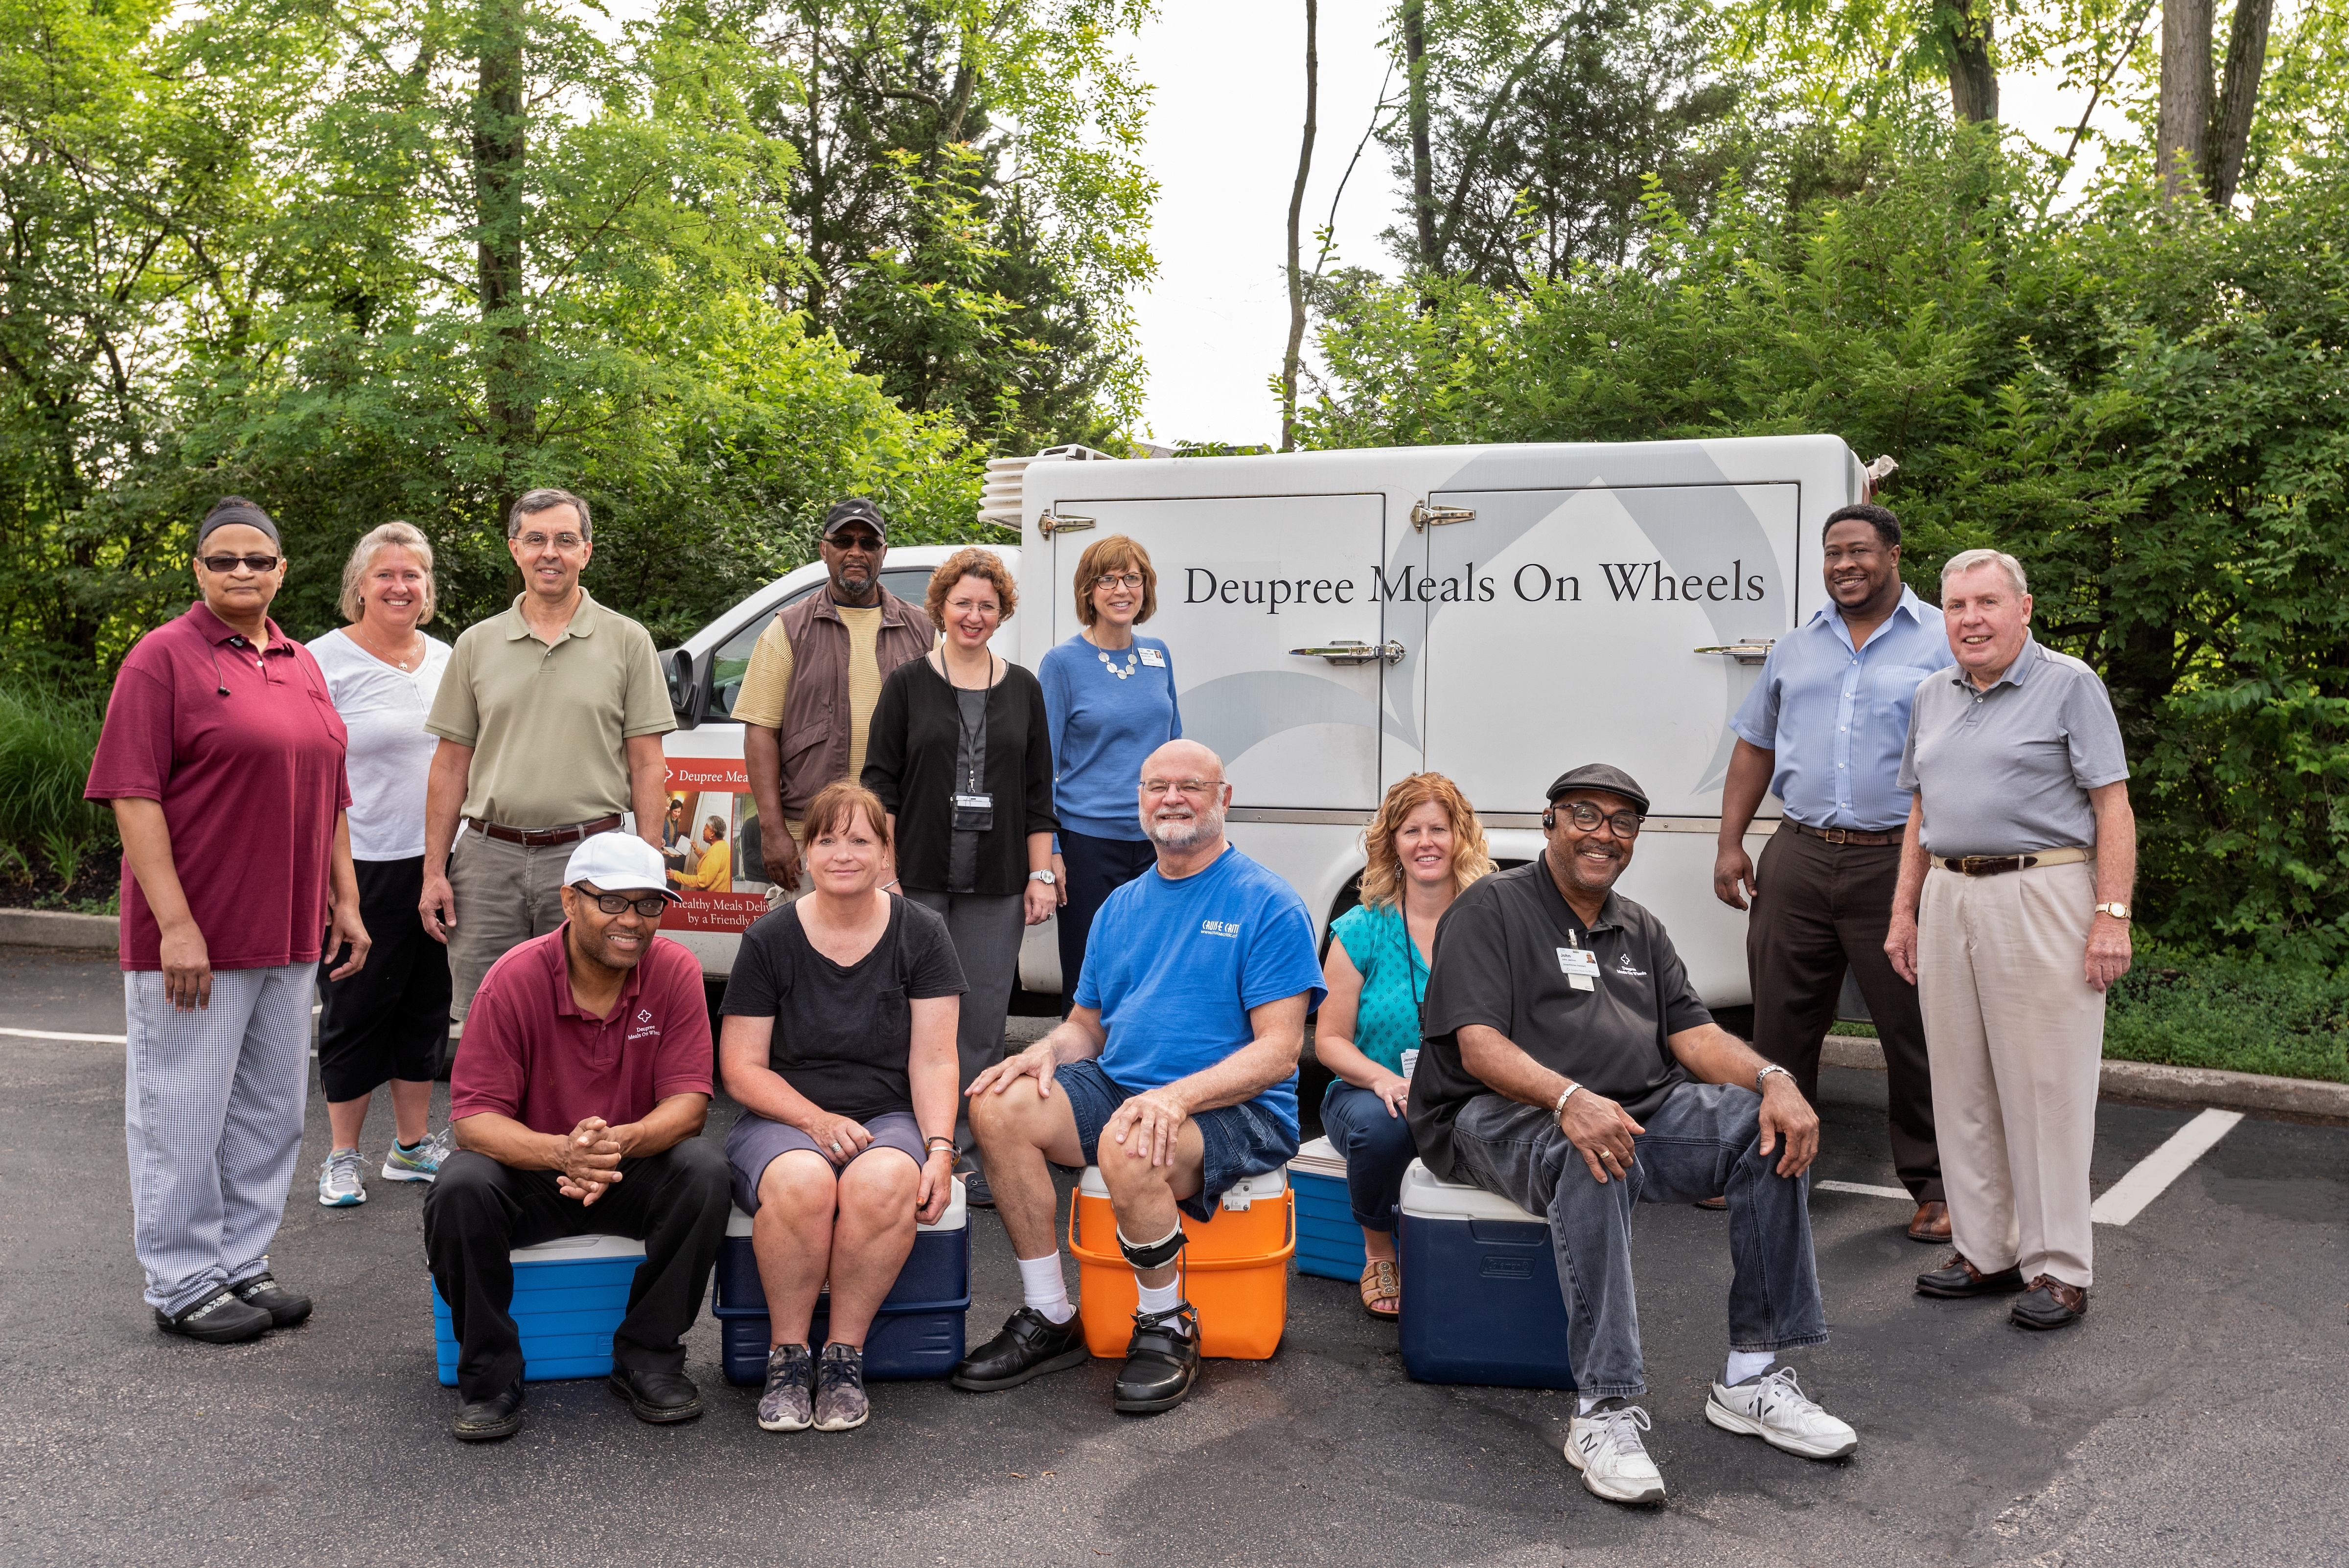 Deupree Meals On Wheels Staff and Volunteers